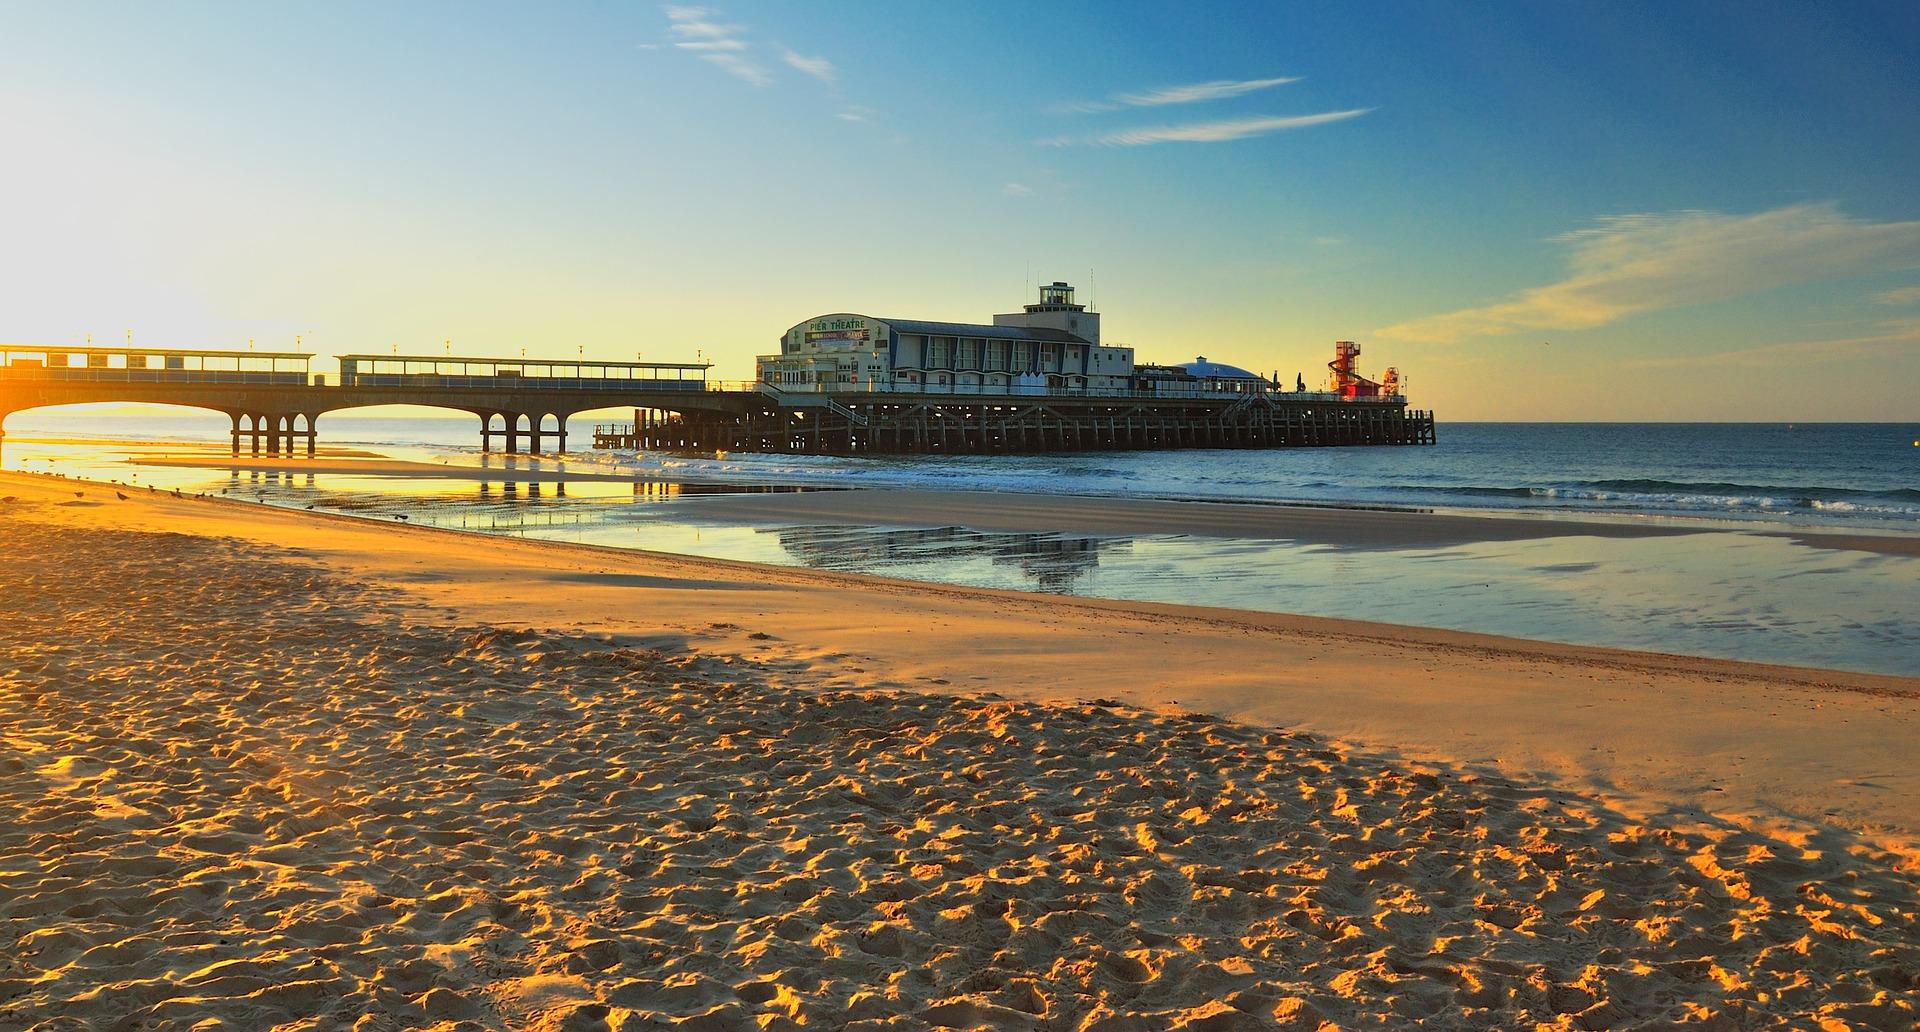 Sandy beach and pier